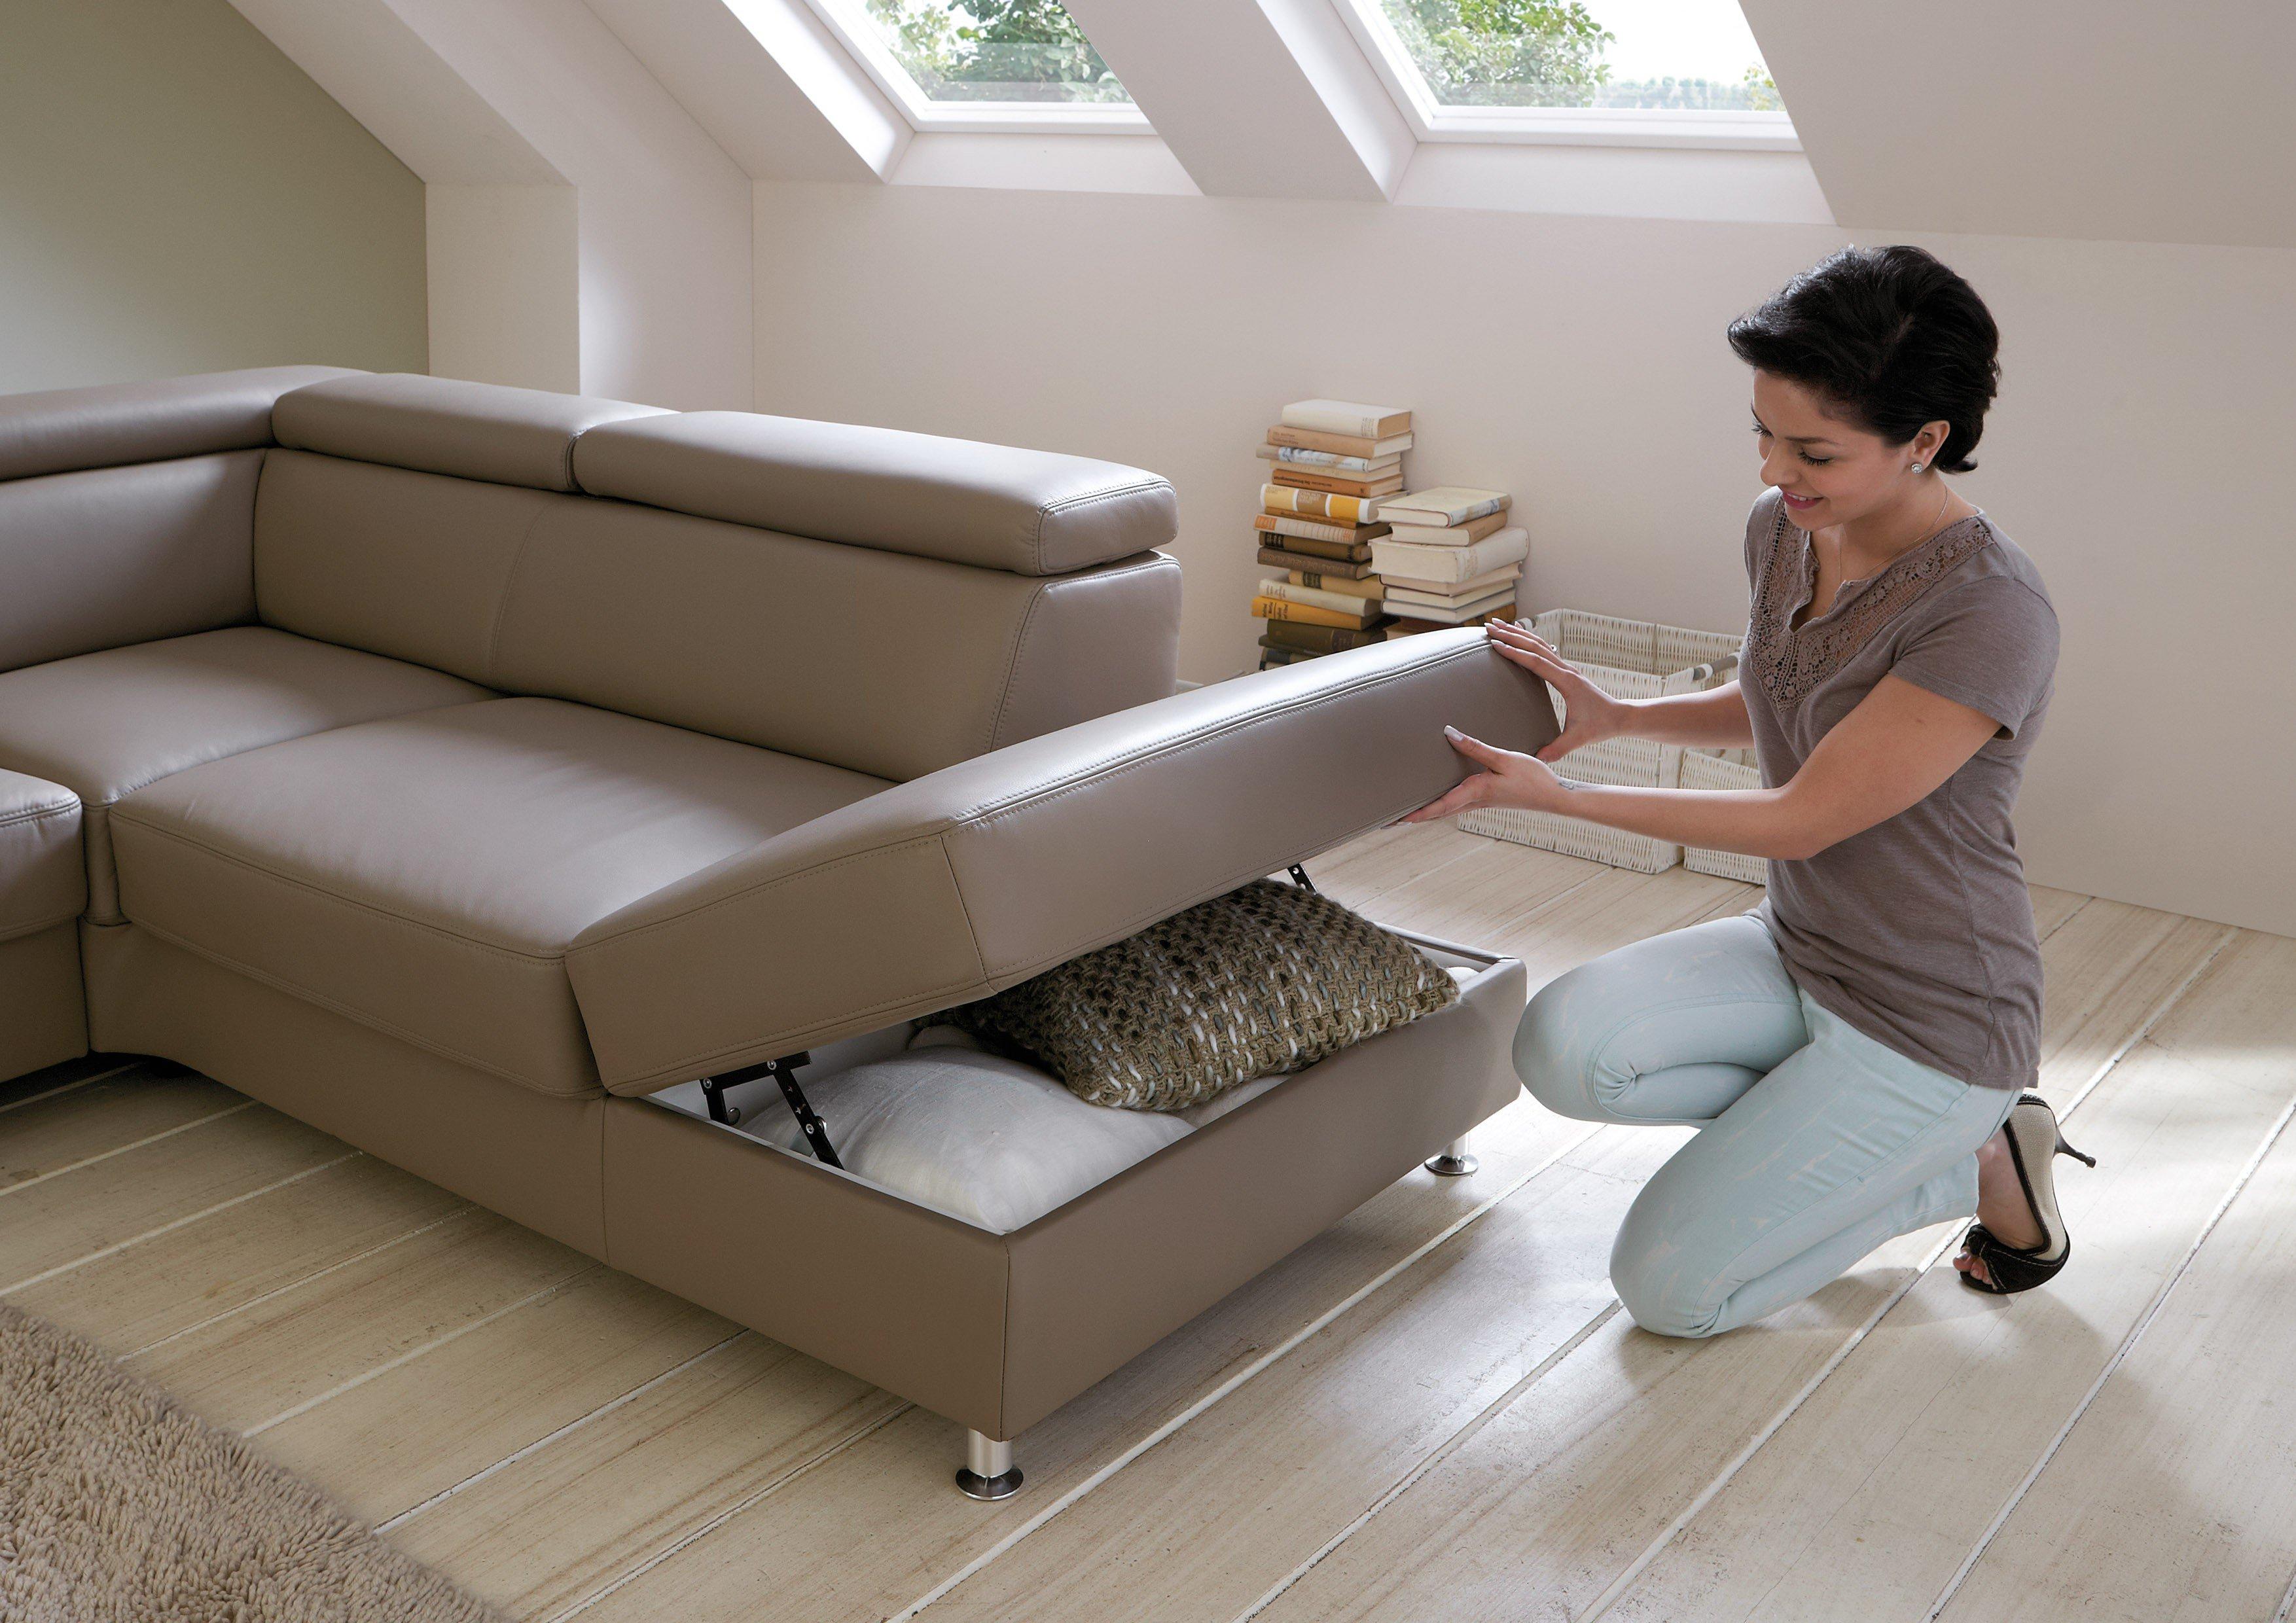 polinova calisto l ledersofa stone m bel letz ihr online shop. Black Bedroom Furniture Sets. Home Design Ideas